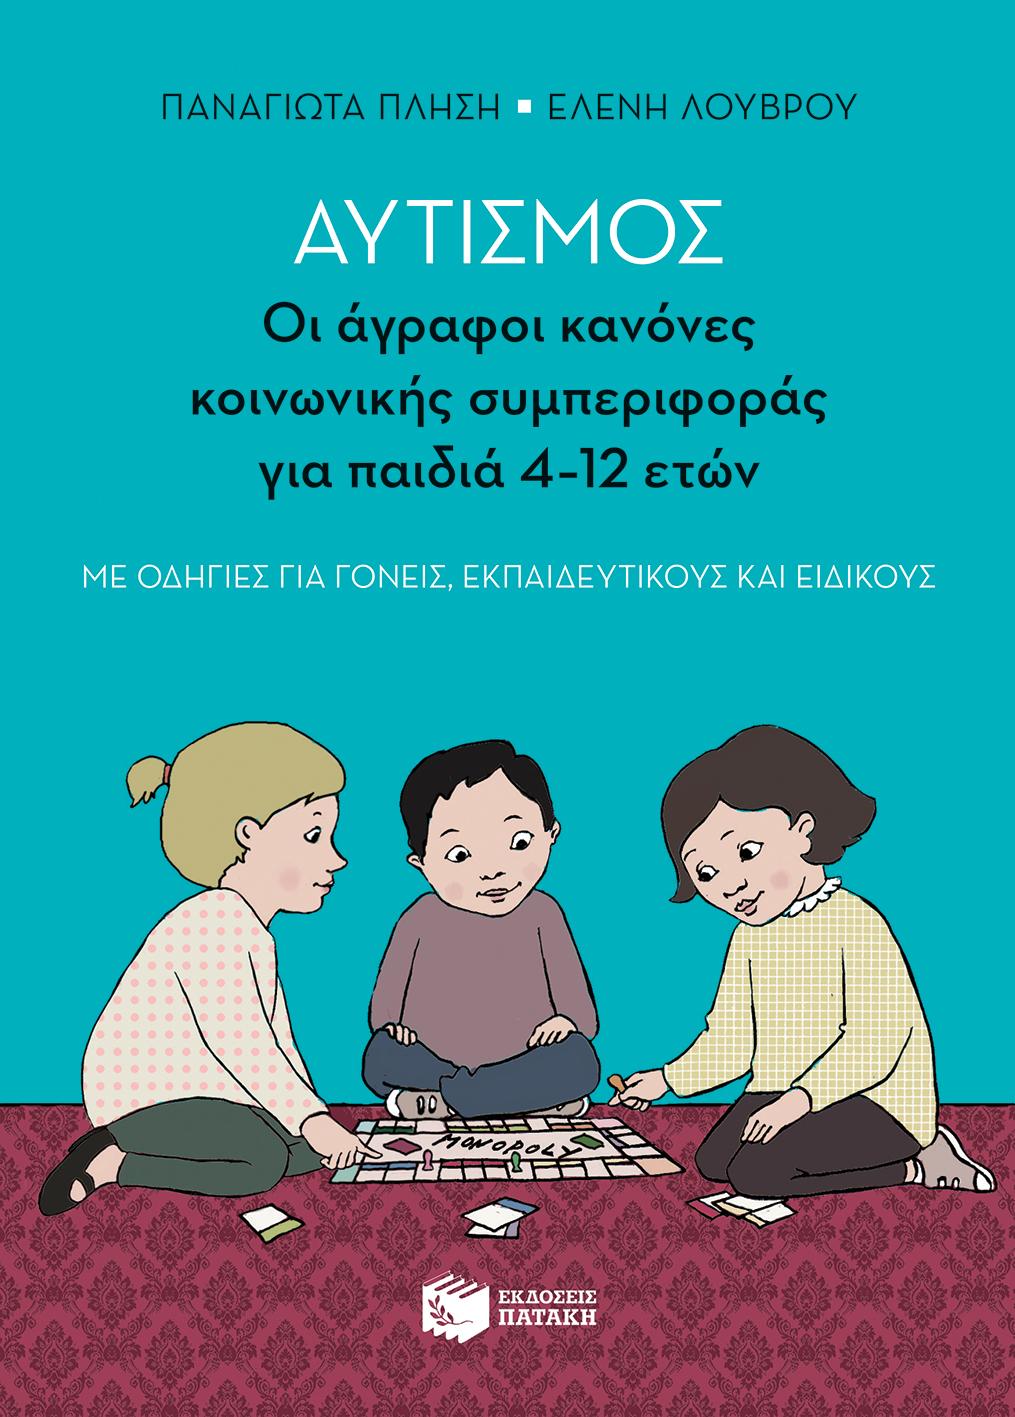 Αυτισμός. Οι άγραφοι κανόνες κοινωνικής συμπεριφοράς για παιδιά 4-12 ετών